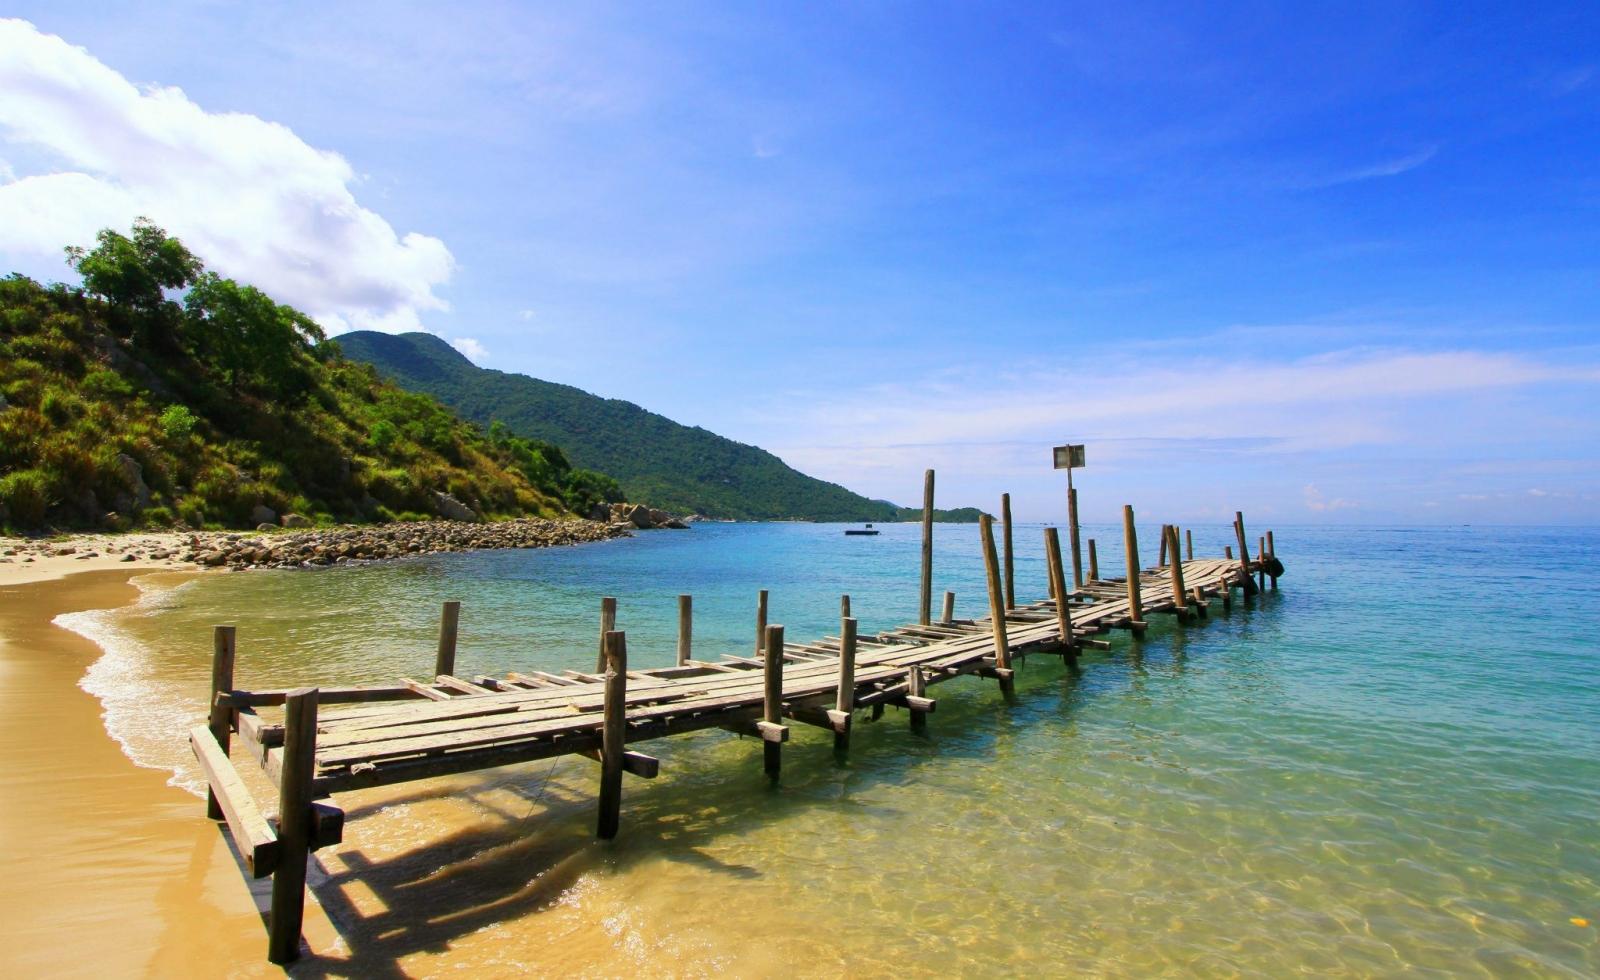 Phú Quốc - Điểm đến hấp dẫn thu hút hàng ngàn khách du lịch